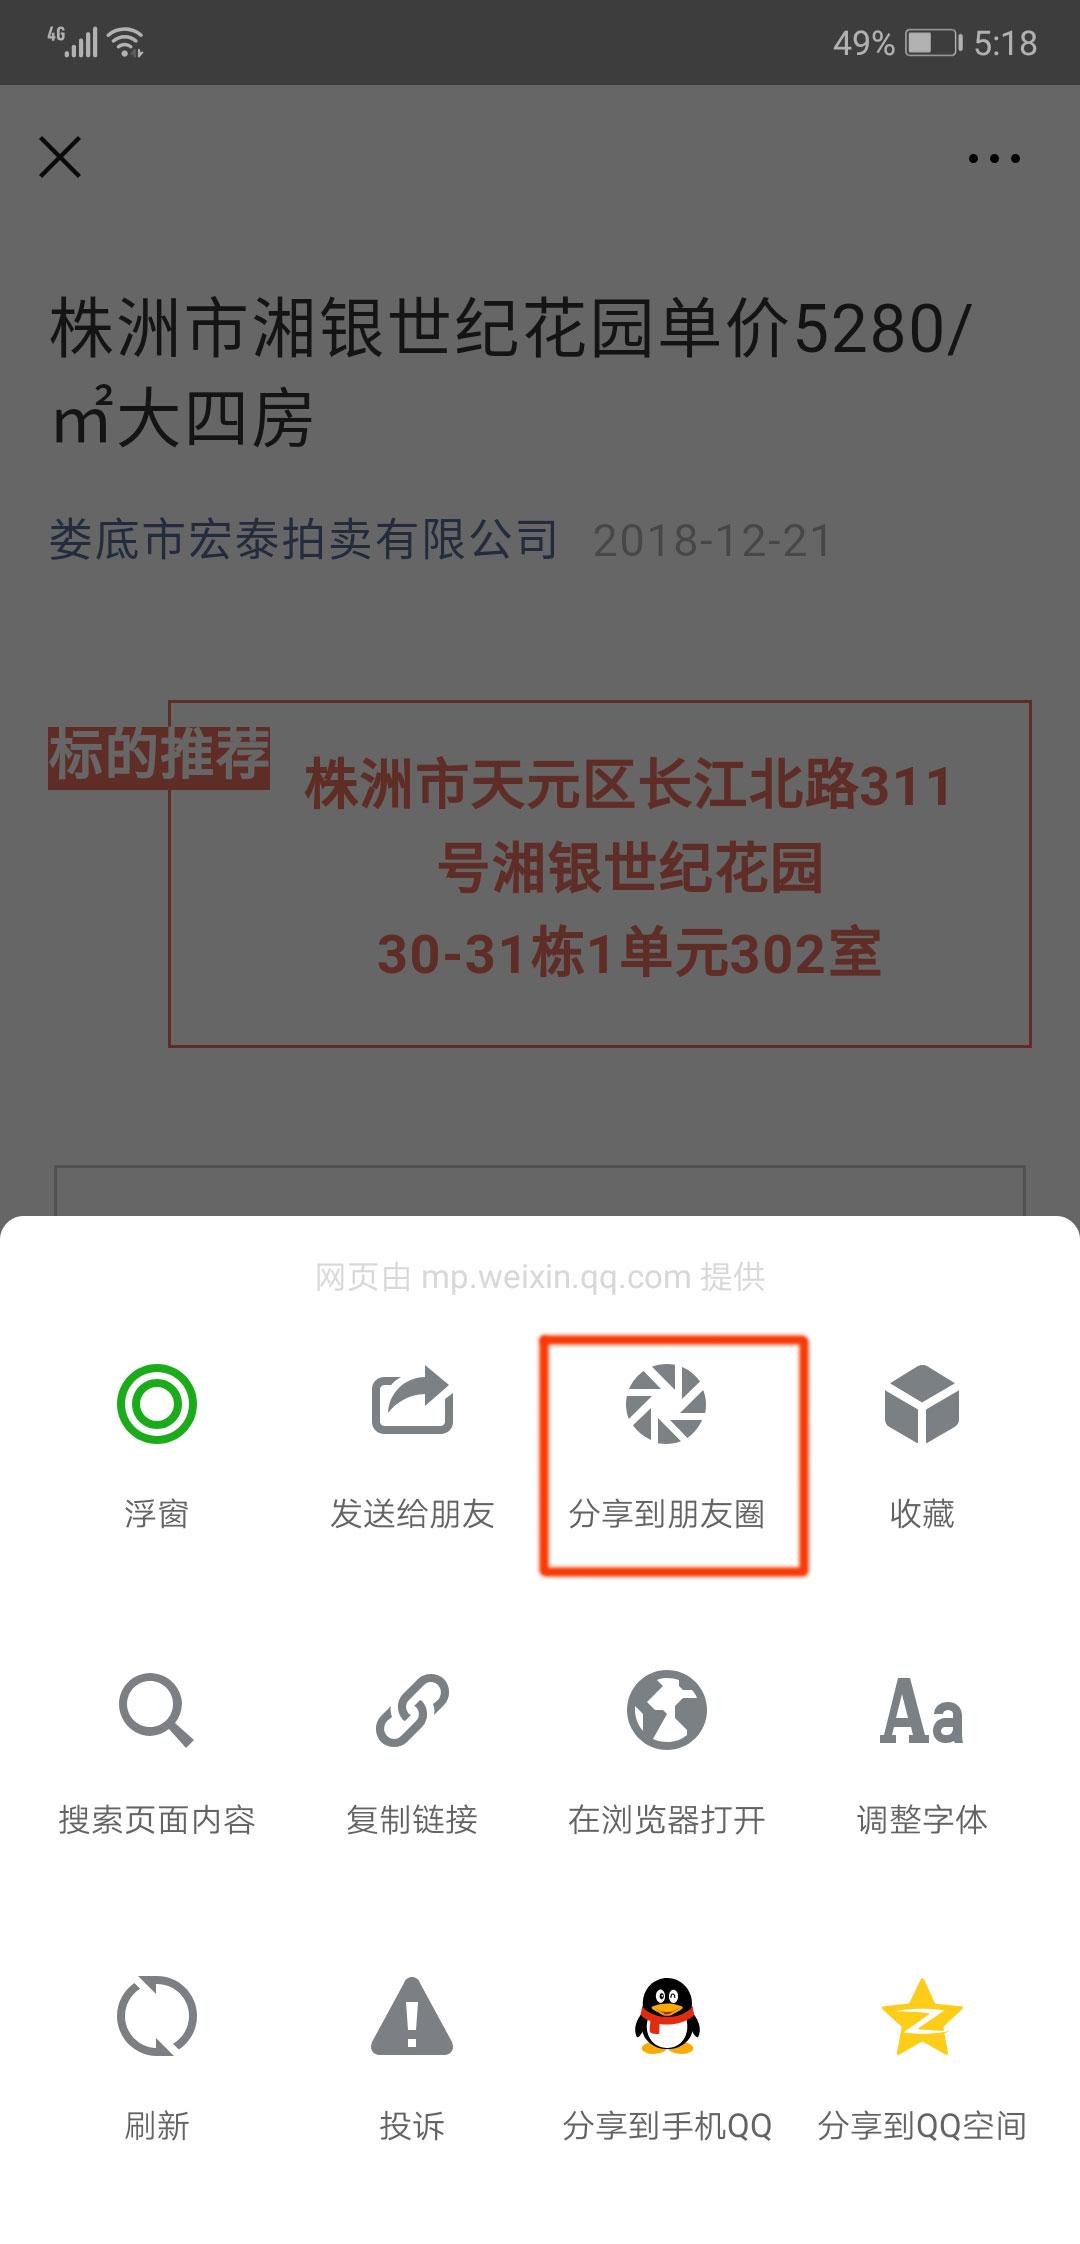 QQ图片20190131172717.jpg